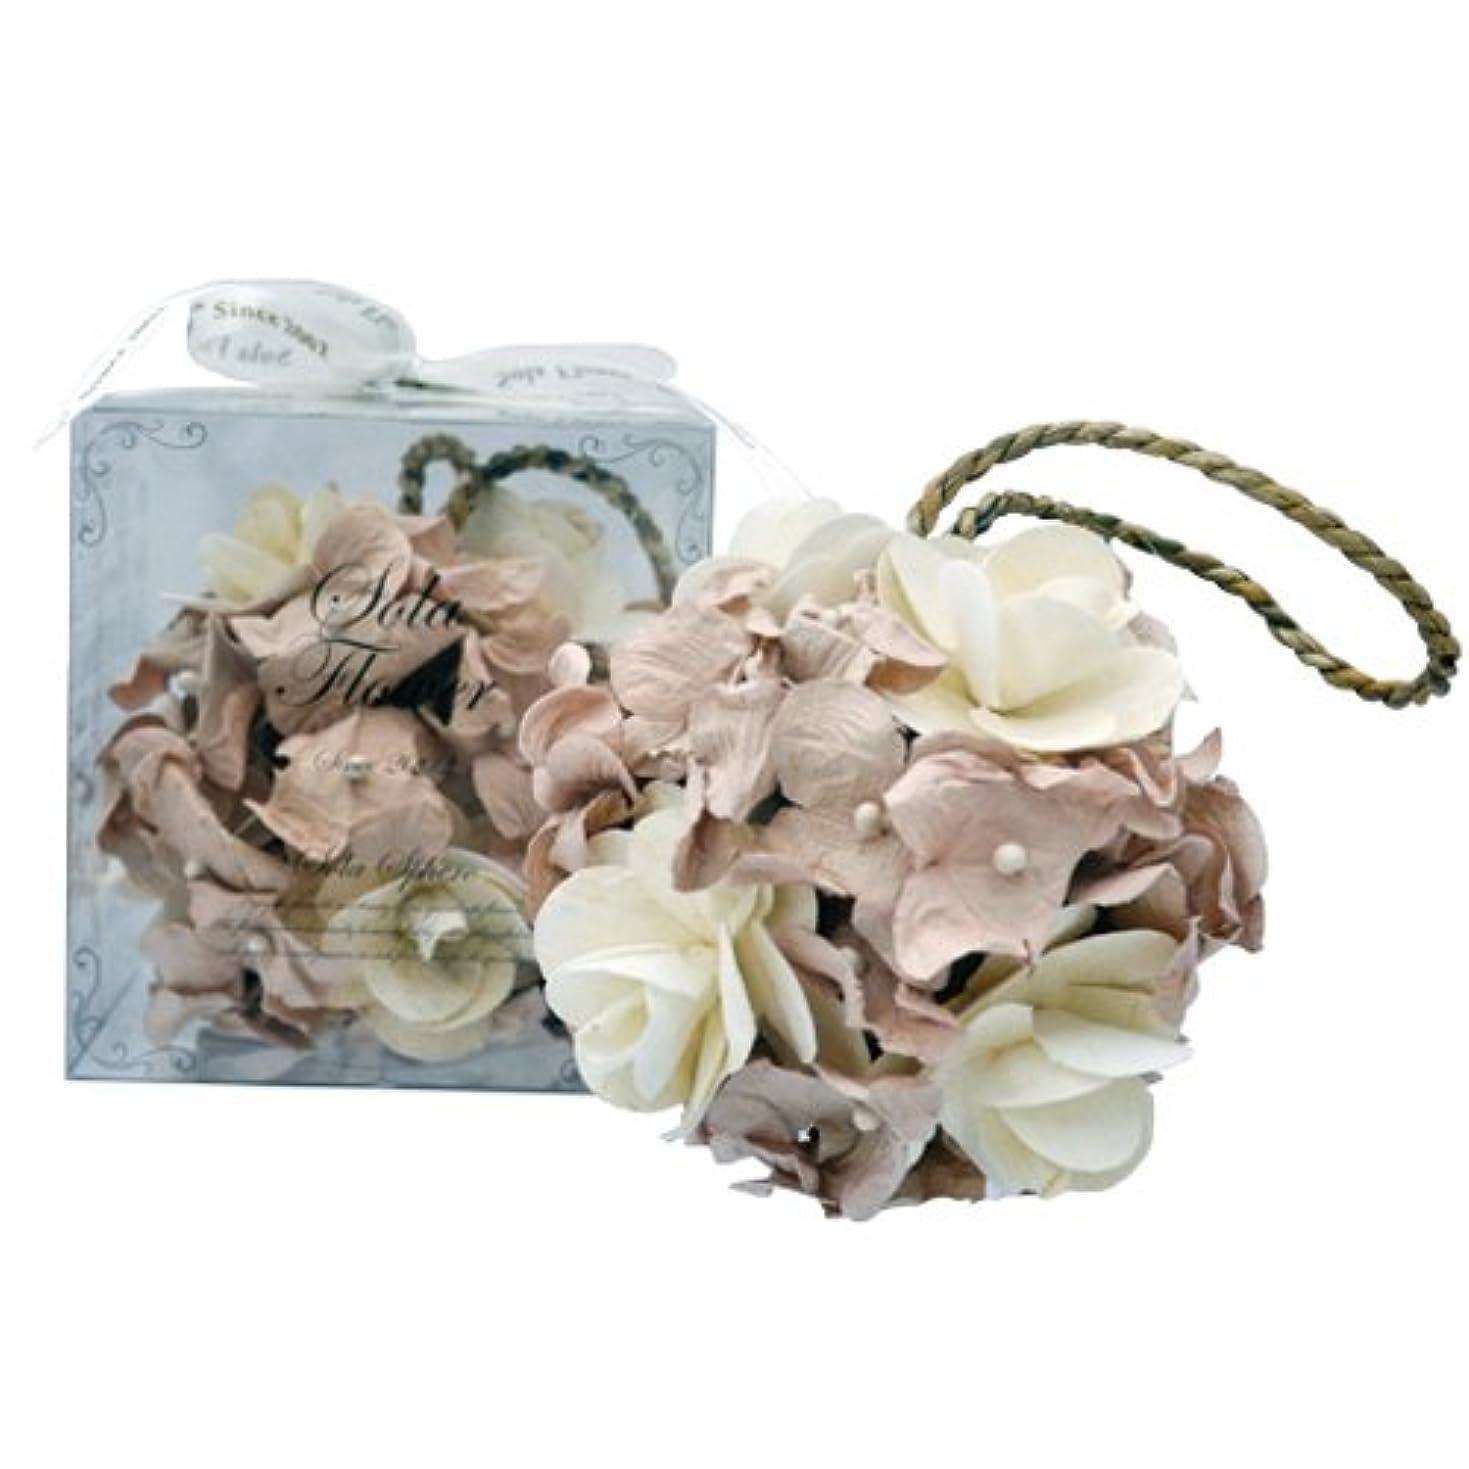 非常に悲しむ正確にnew Sola Flower ソラフラワー スフィア Original Rose オリジナルローズ Sphere